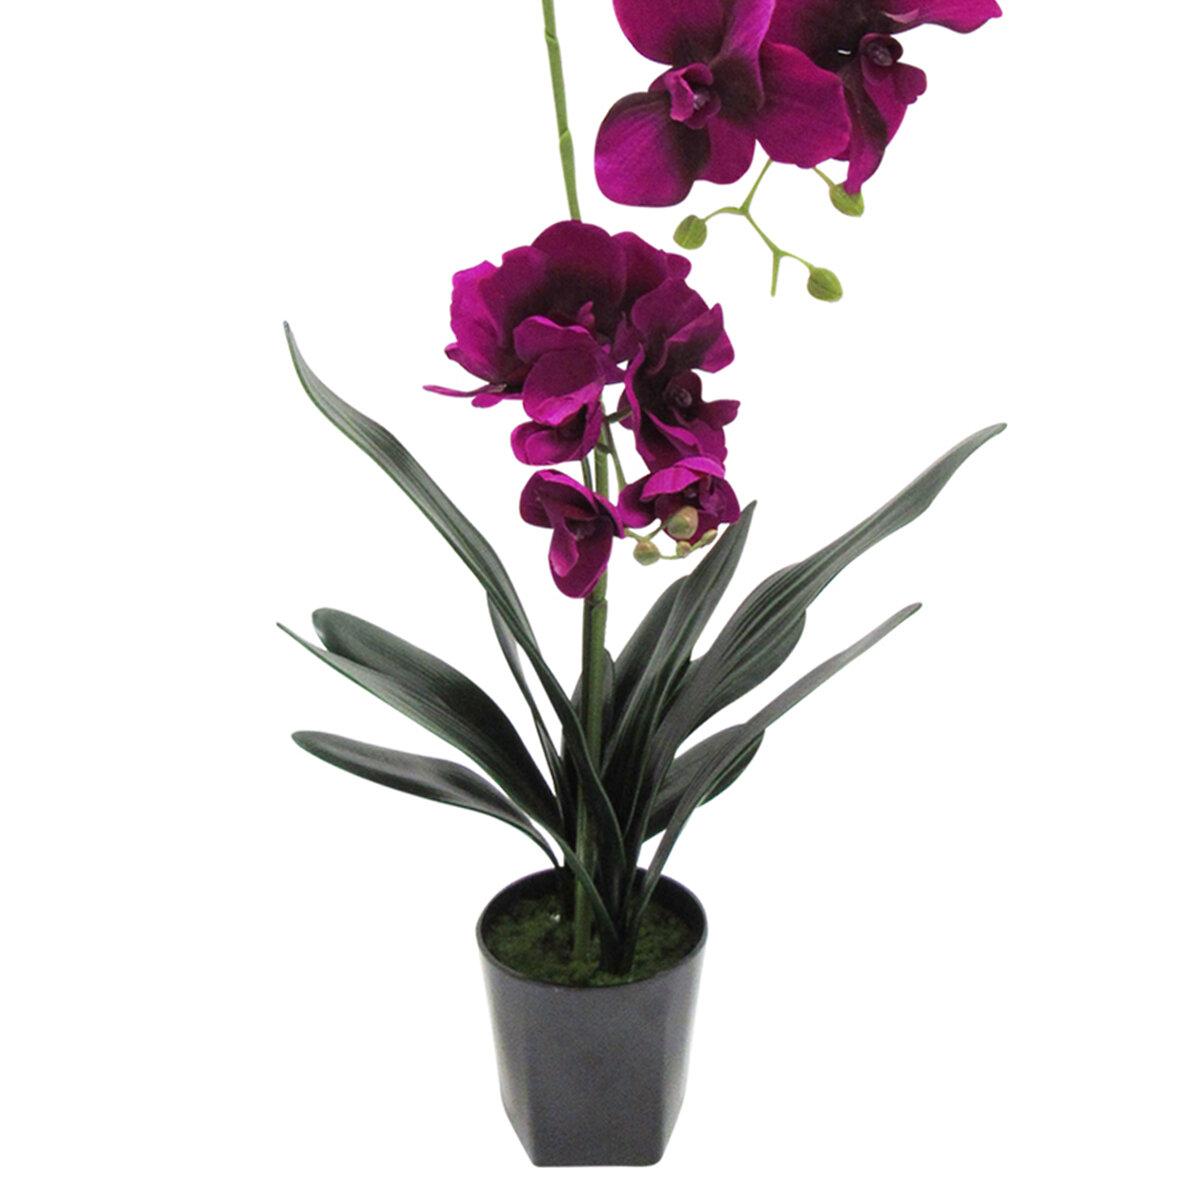 Deluxe Vanda Orchids Floral Arrangement In Pot Reviews Birch Lane